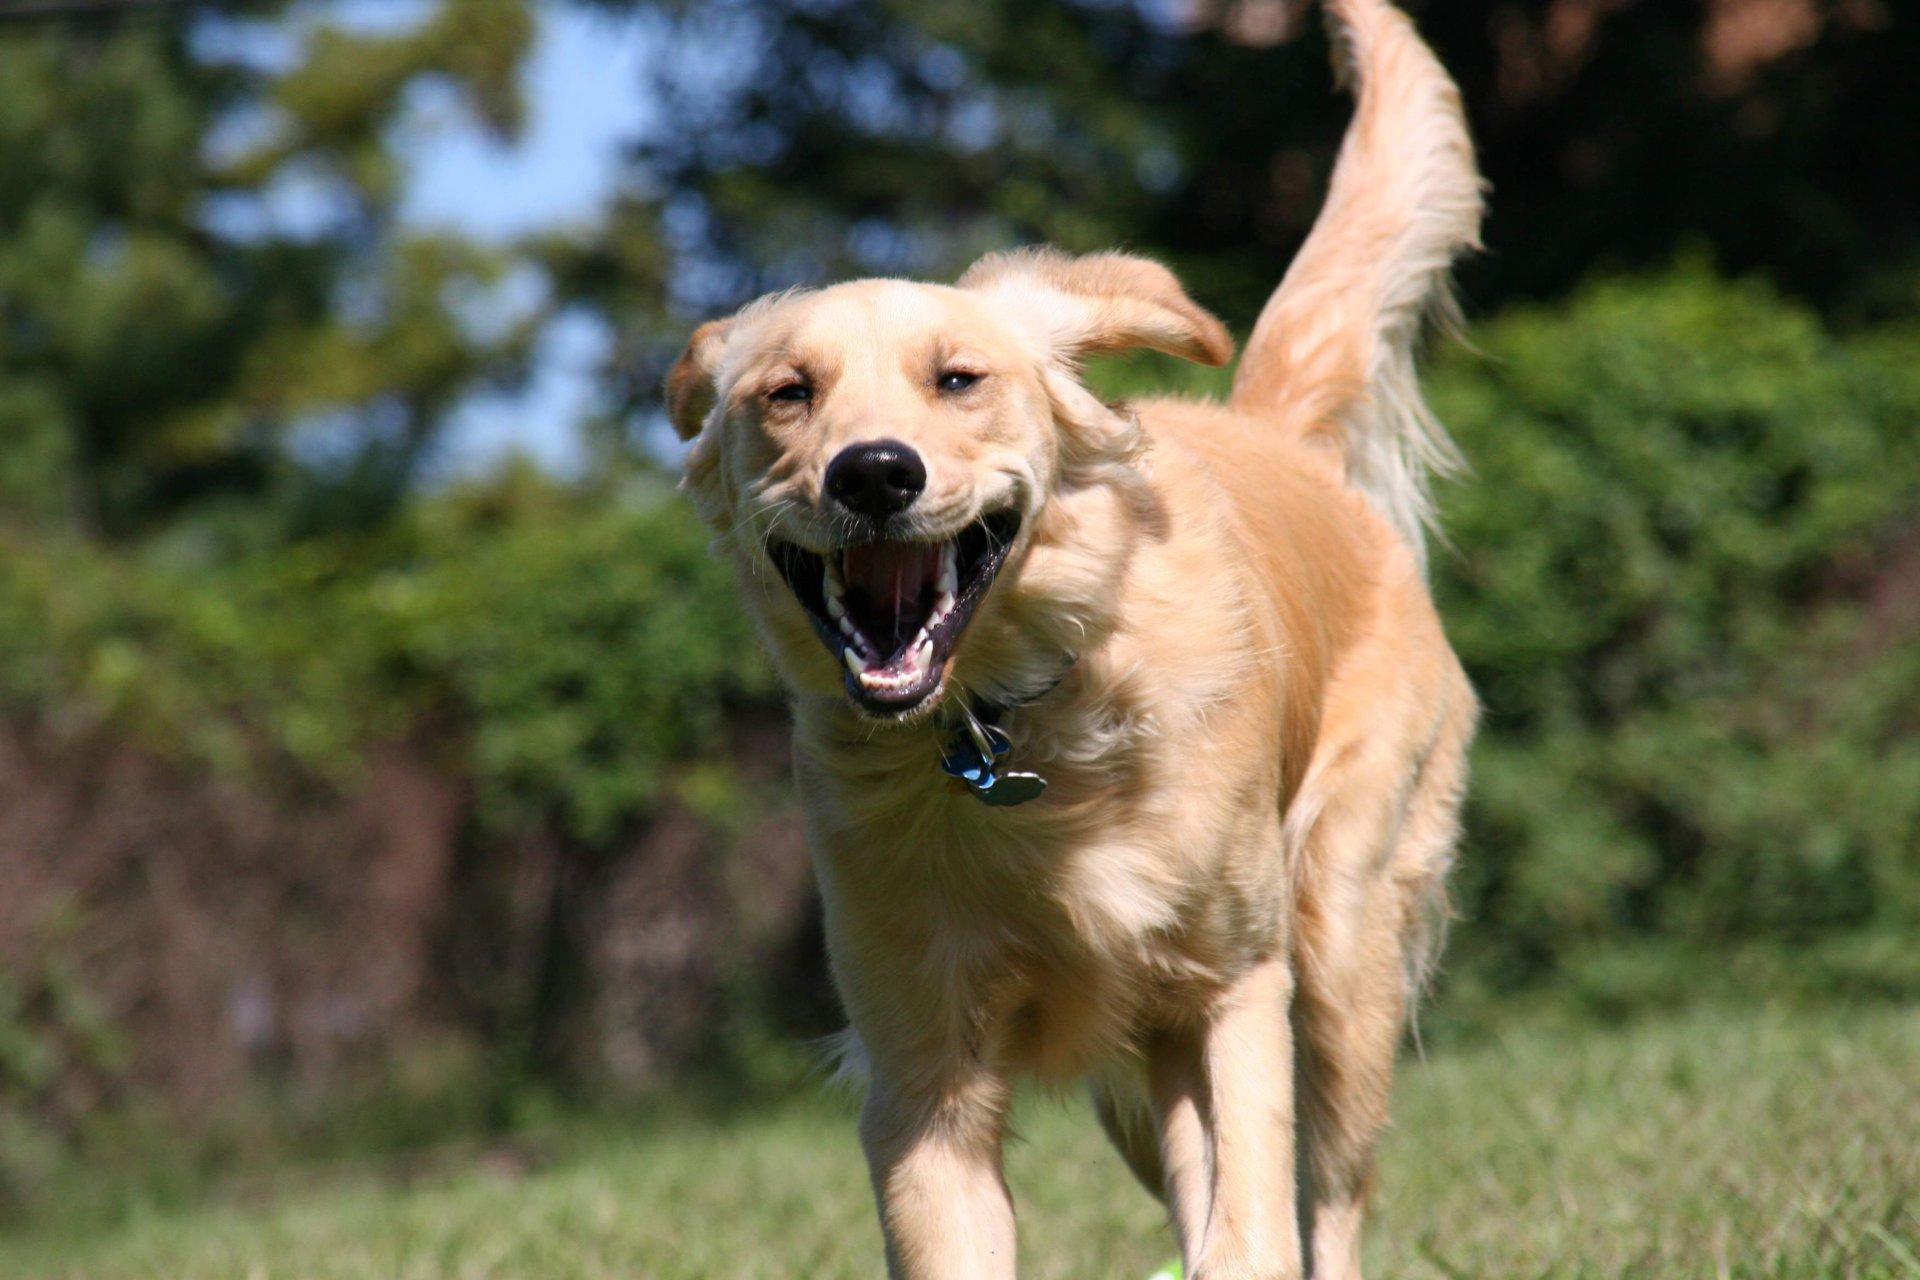 эти картинки собака бежит мне интересно, знаете